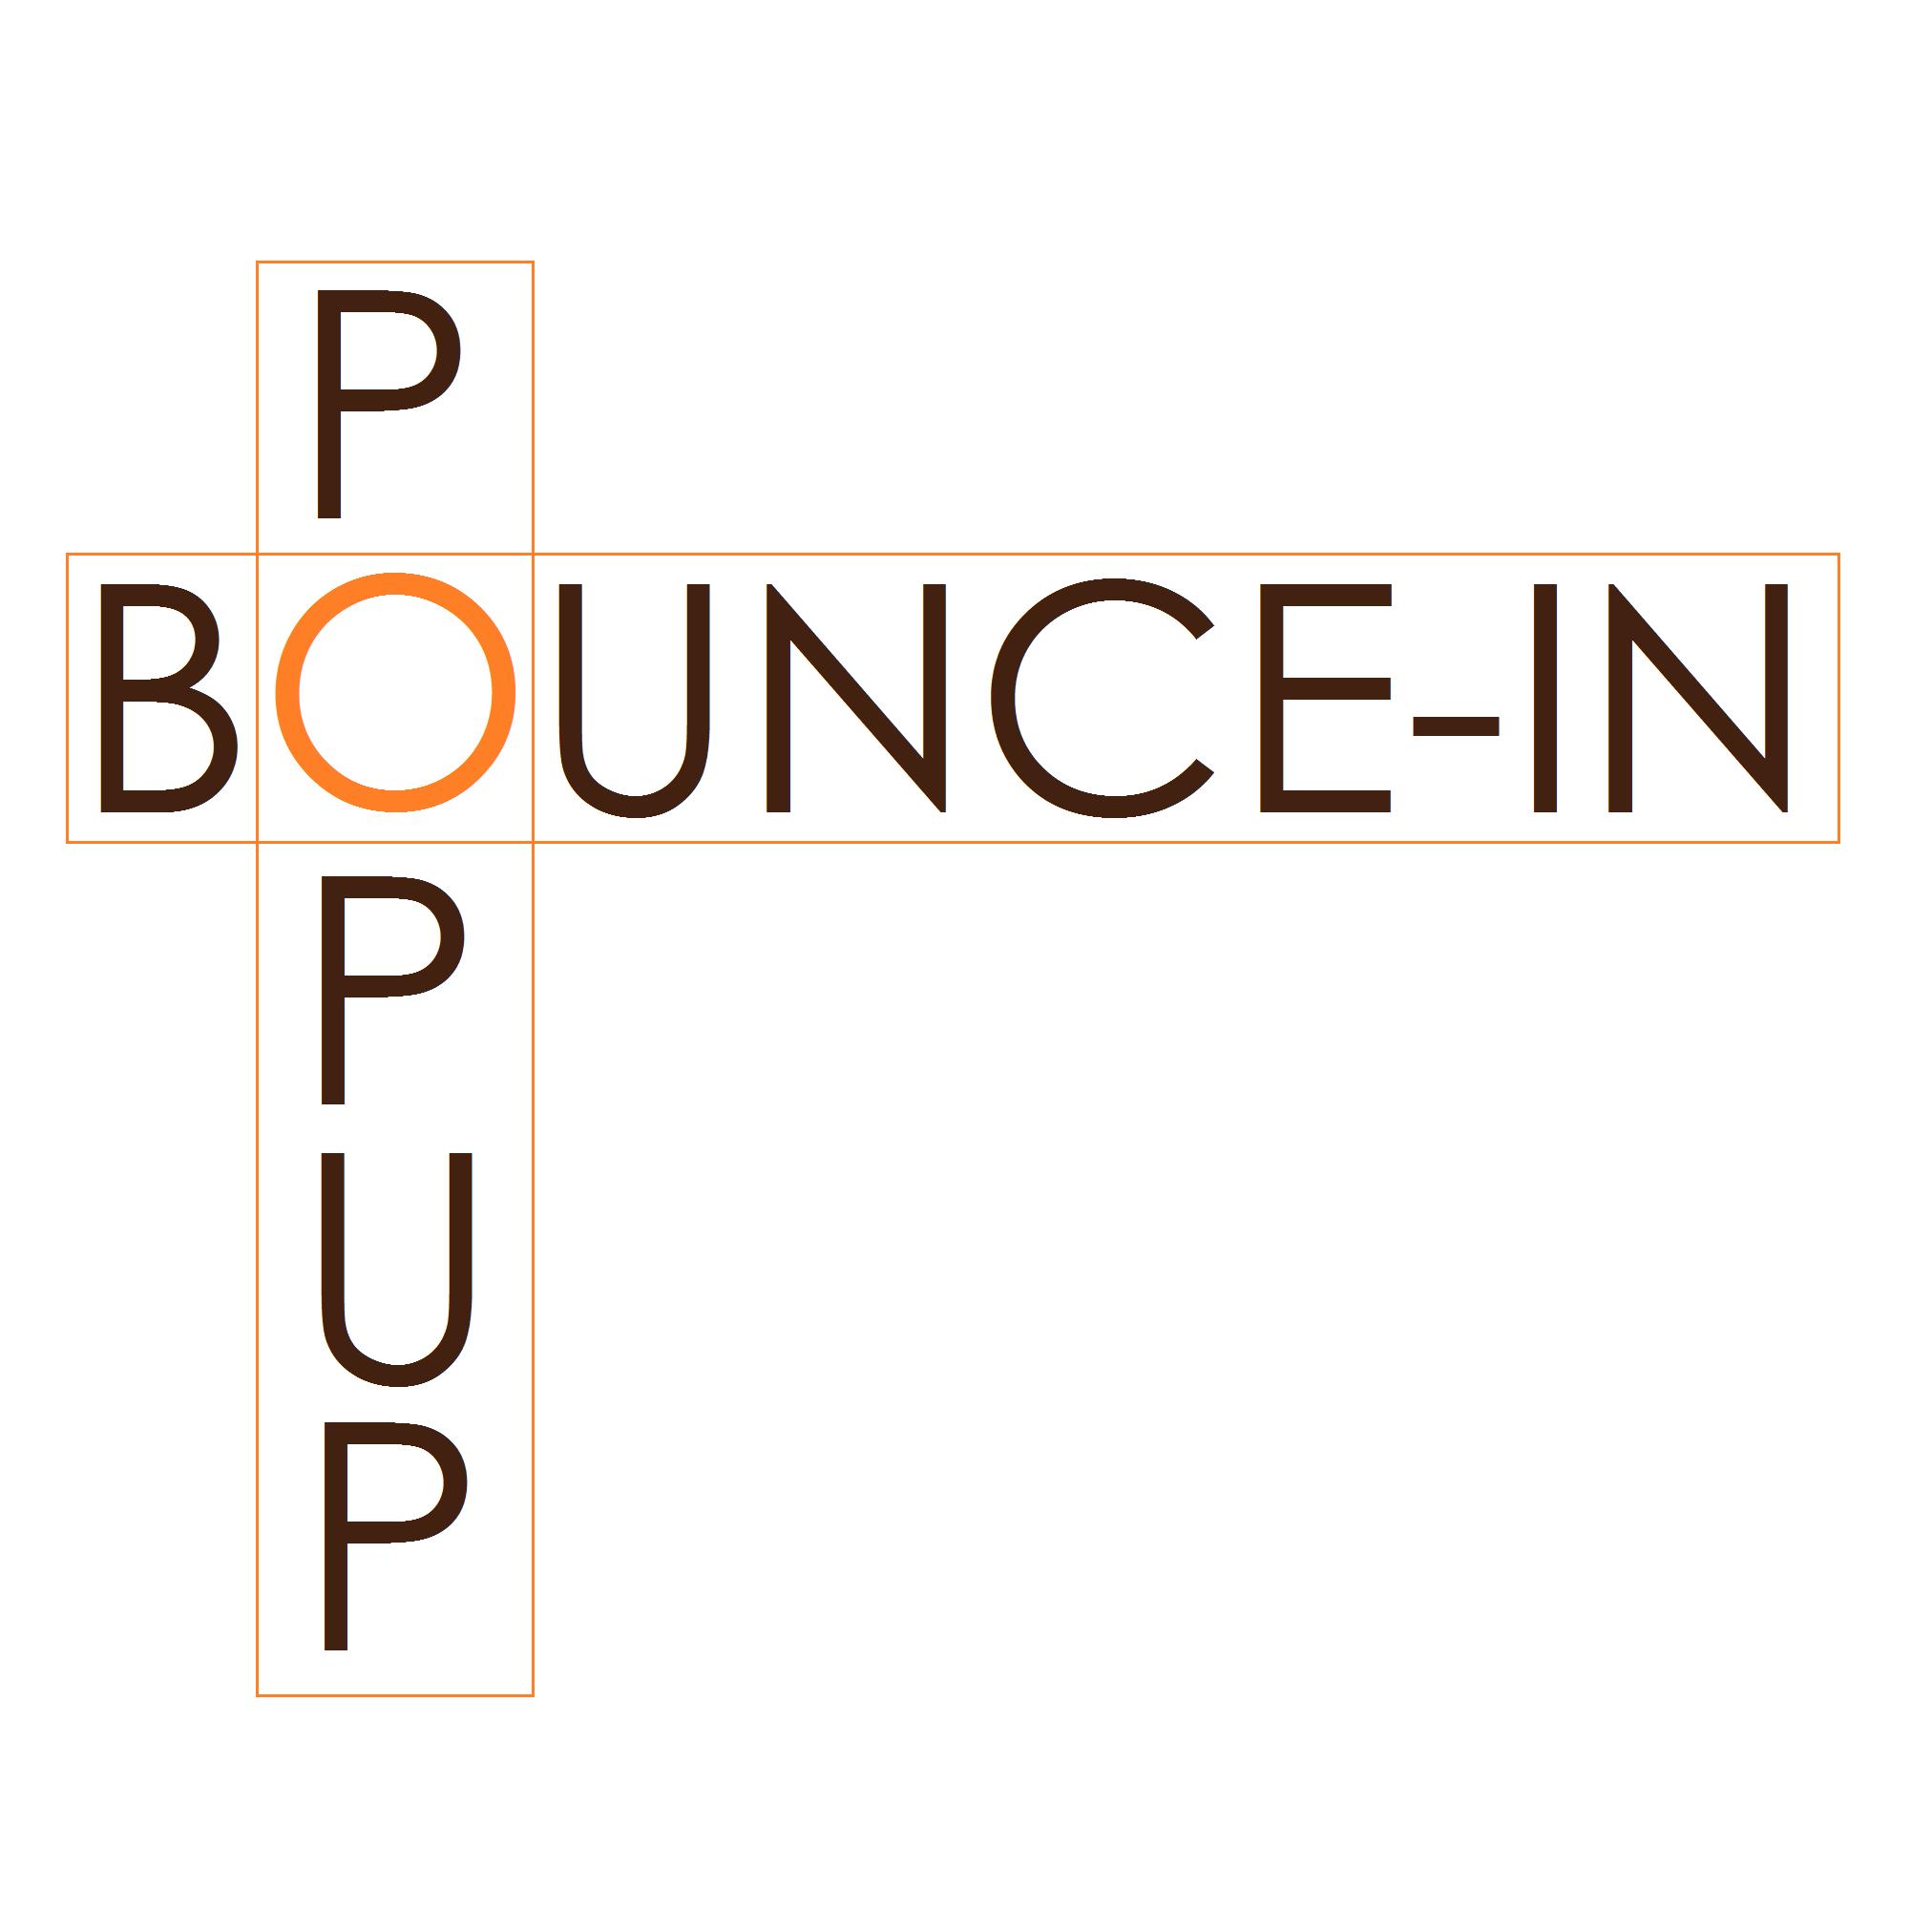 bounce - in